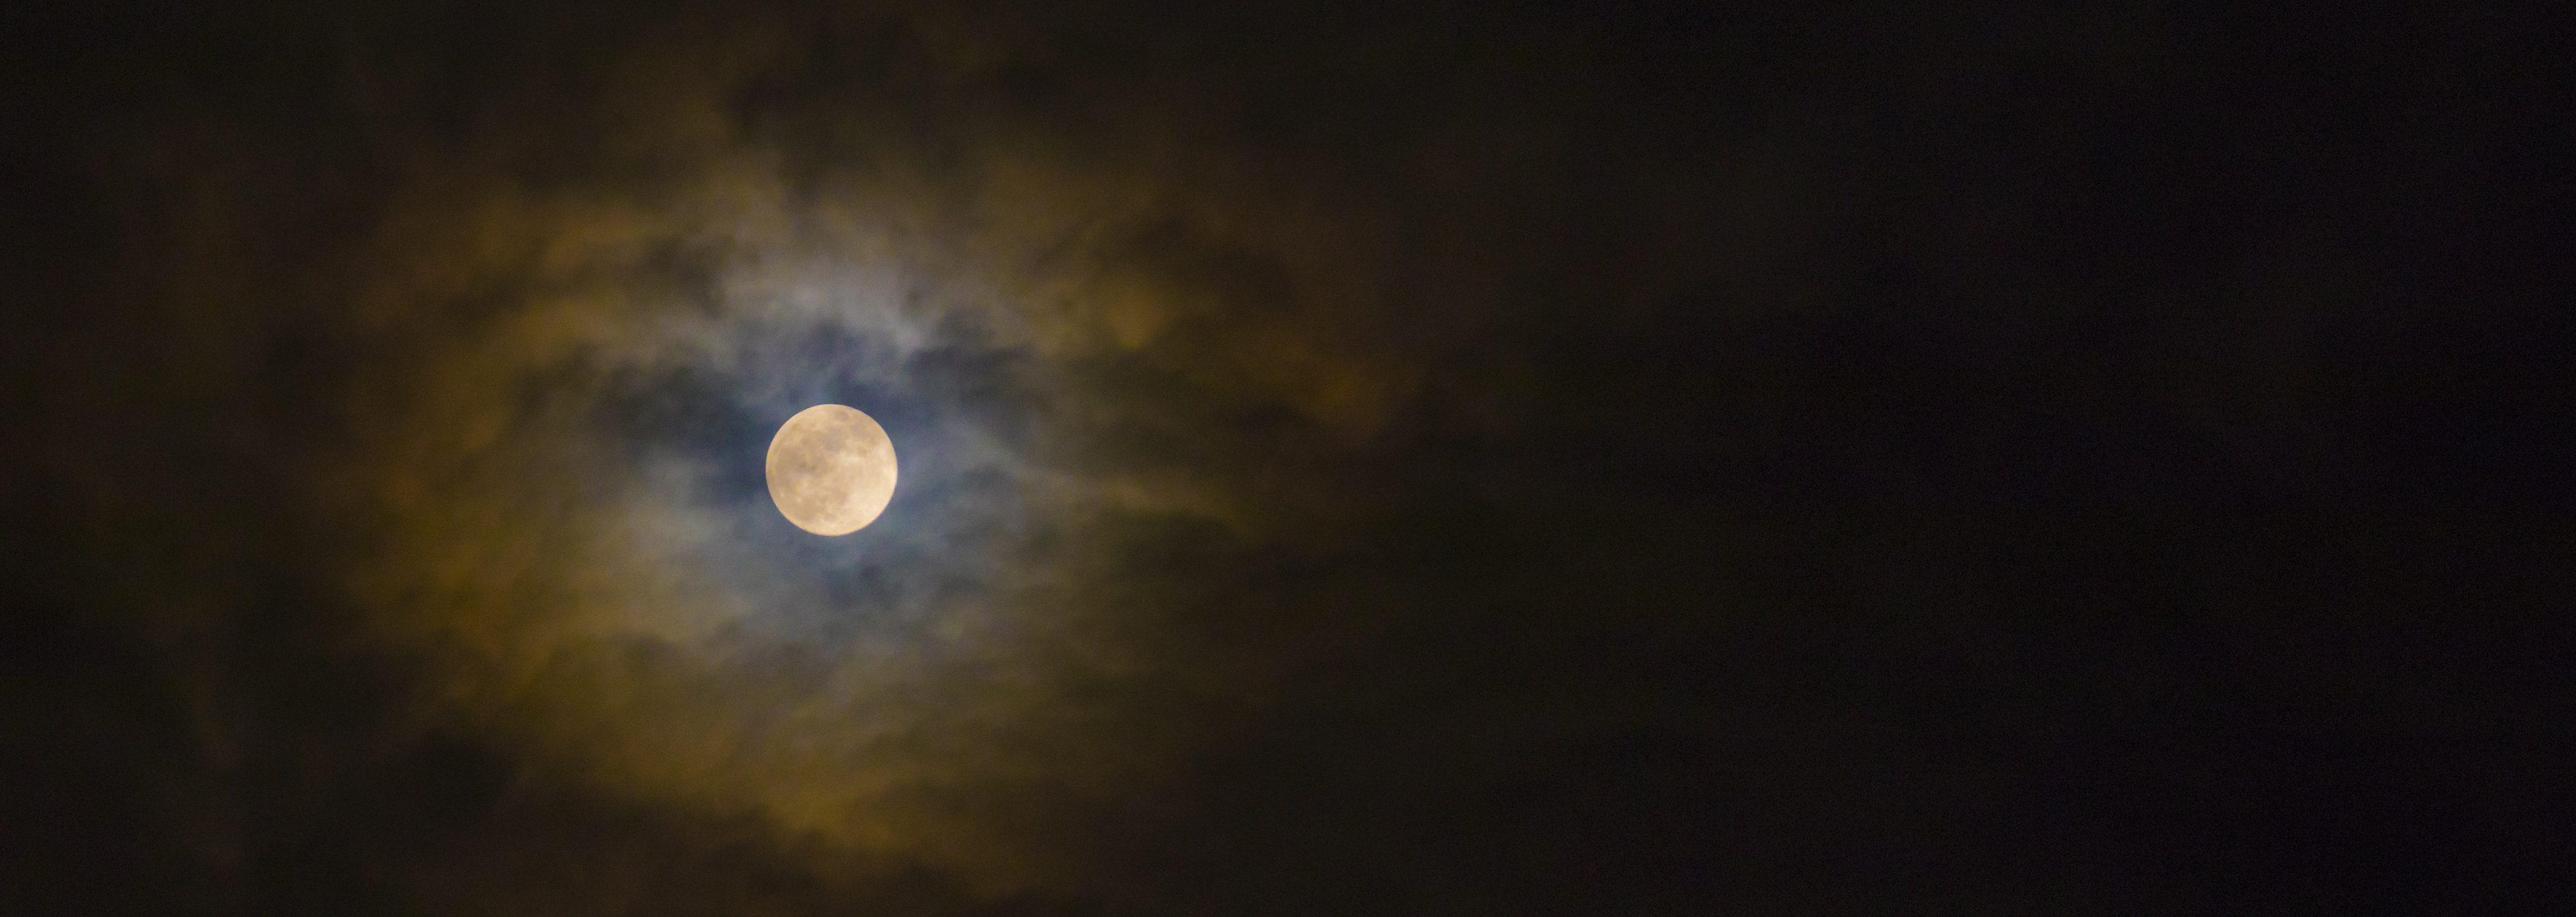 Mond vom 01.03.2018